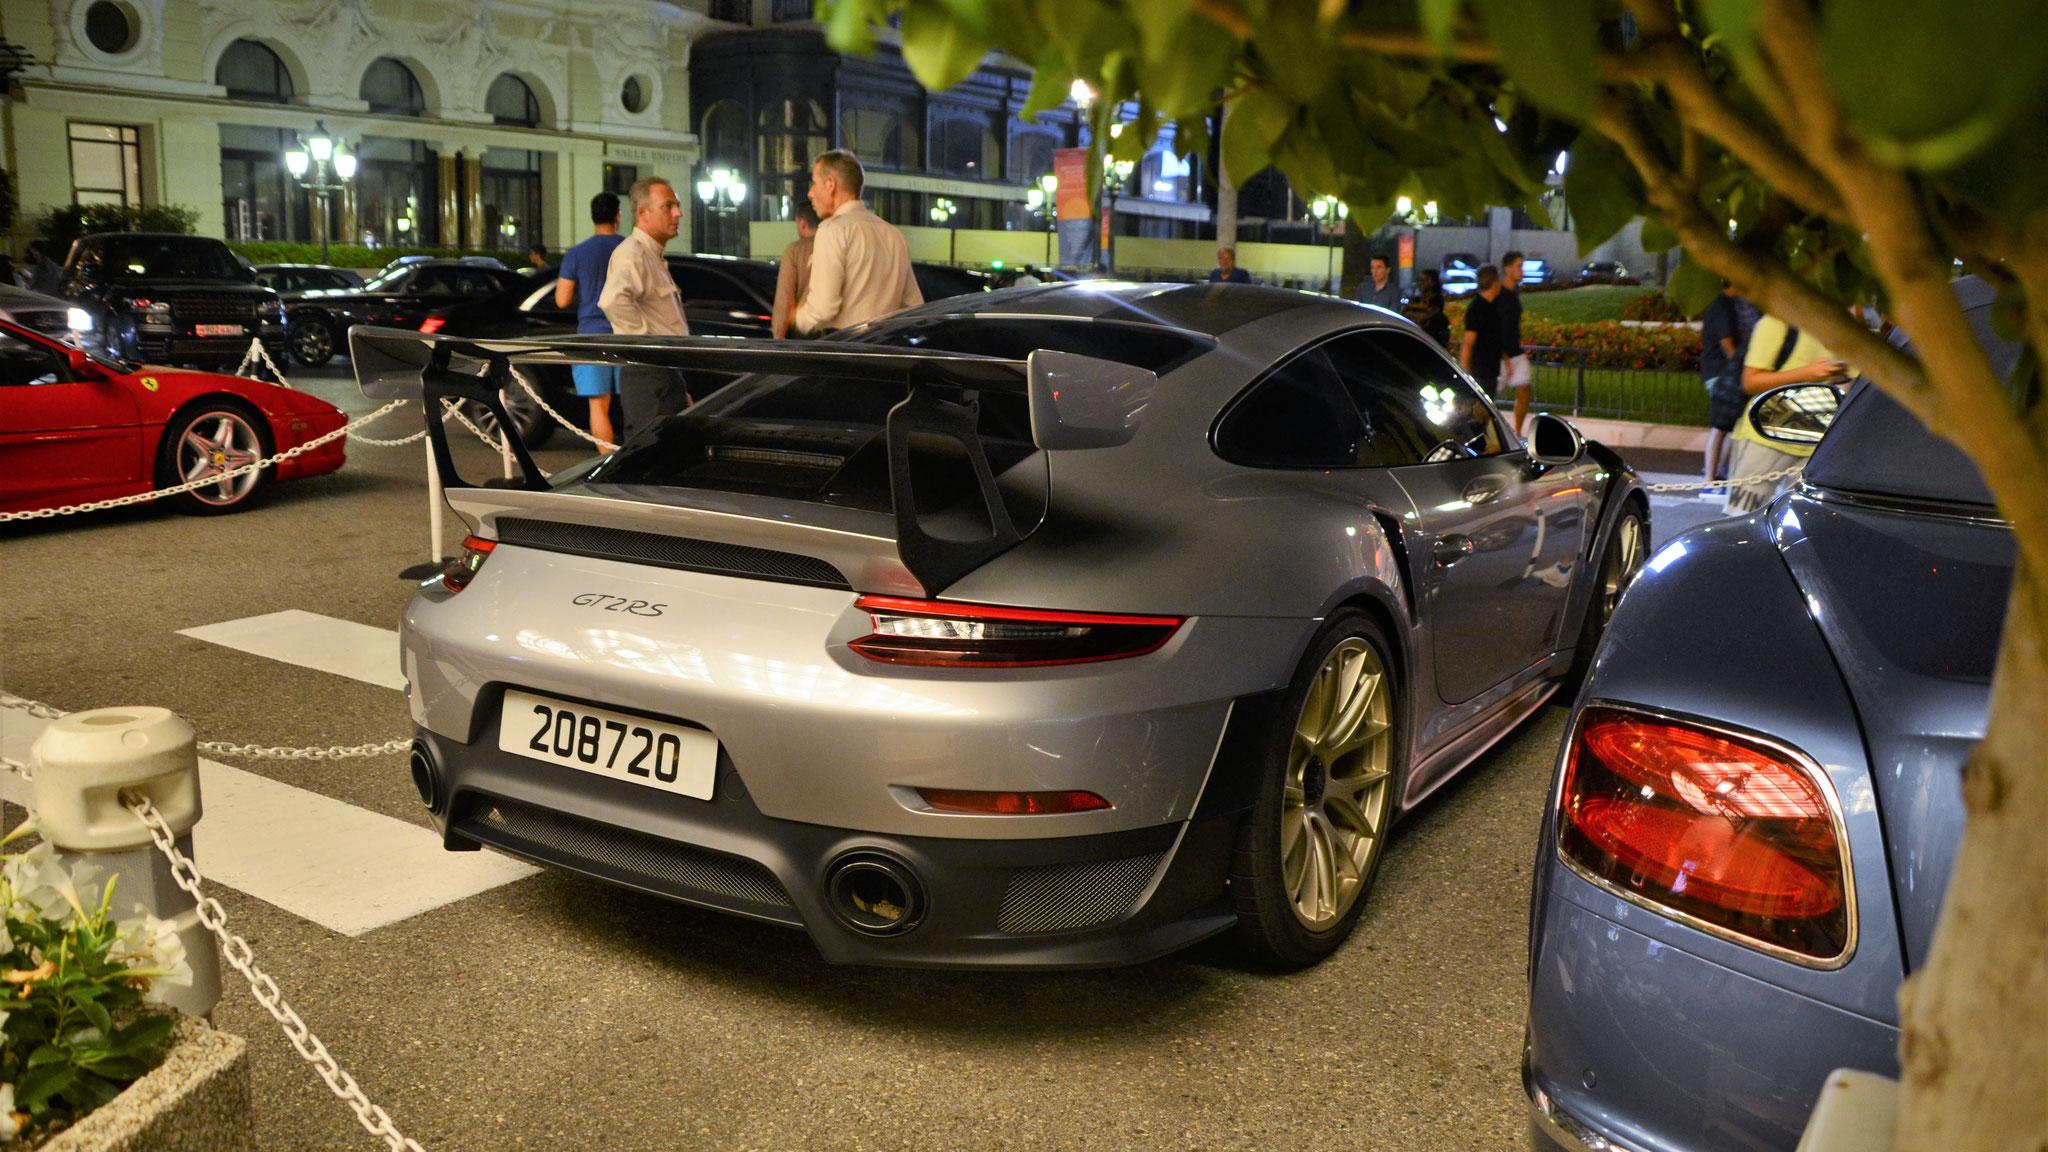 Porsche GT2 RS - 208720 (Arab)